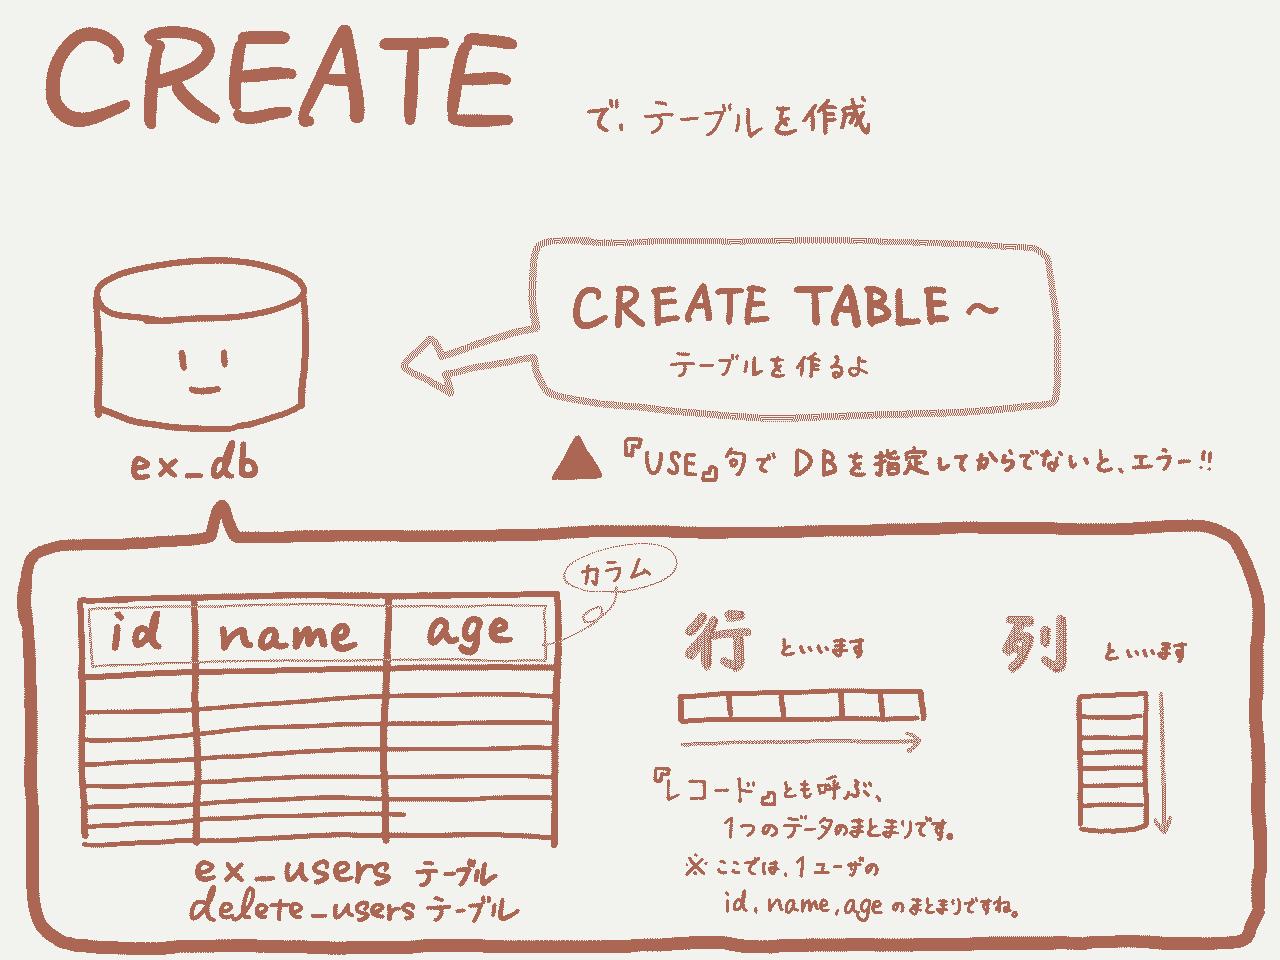 テーブルを作成